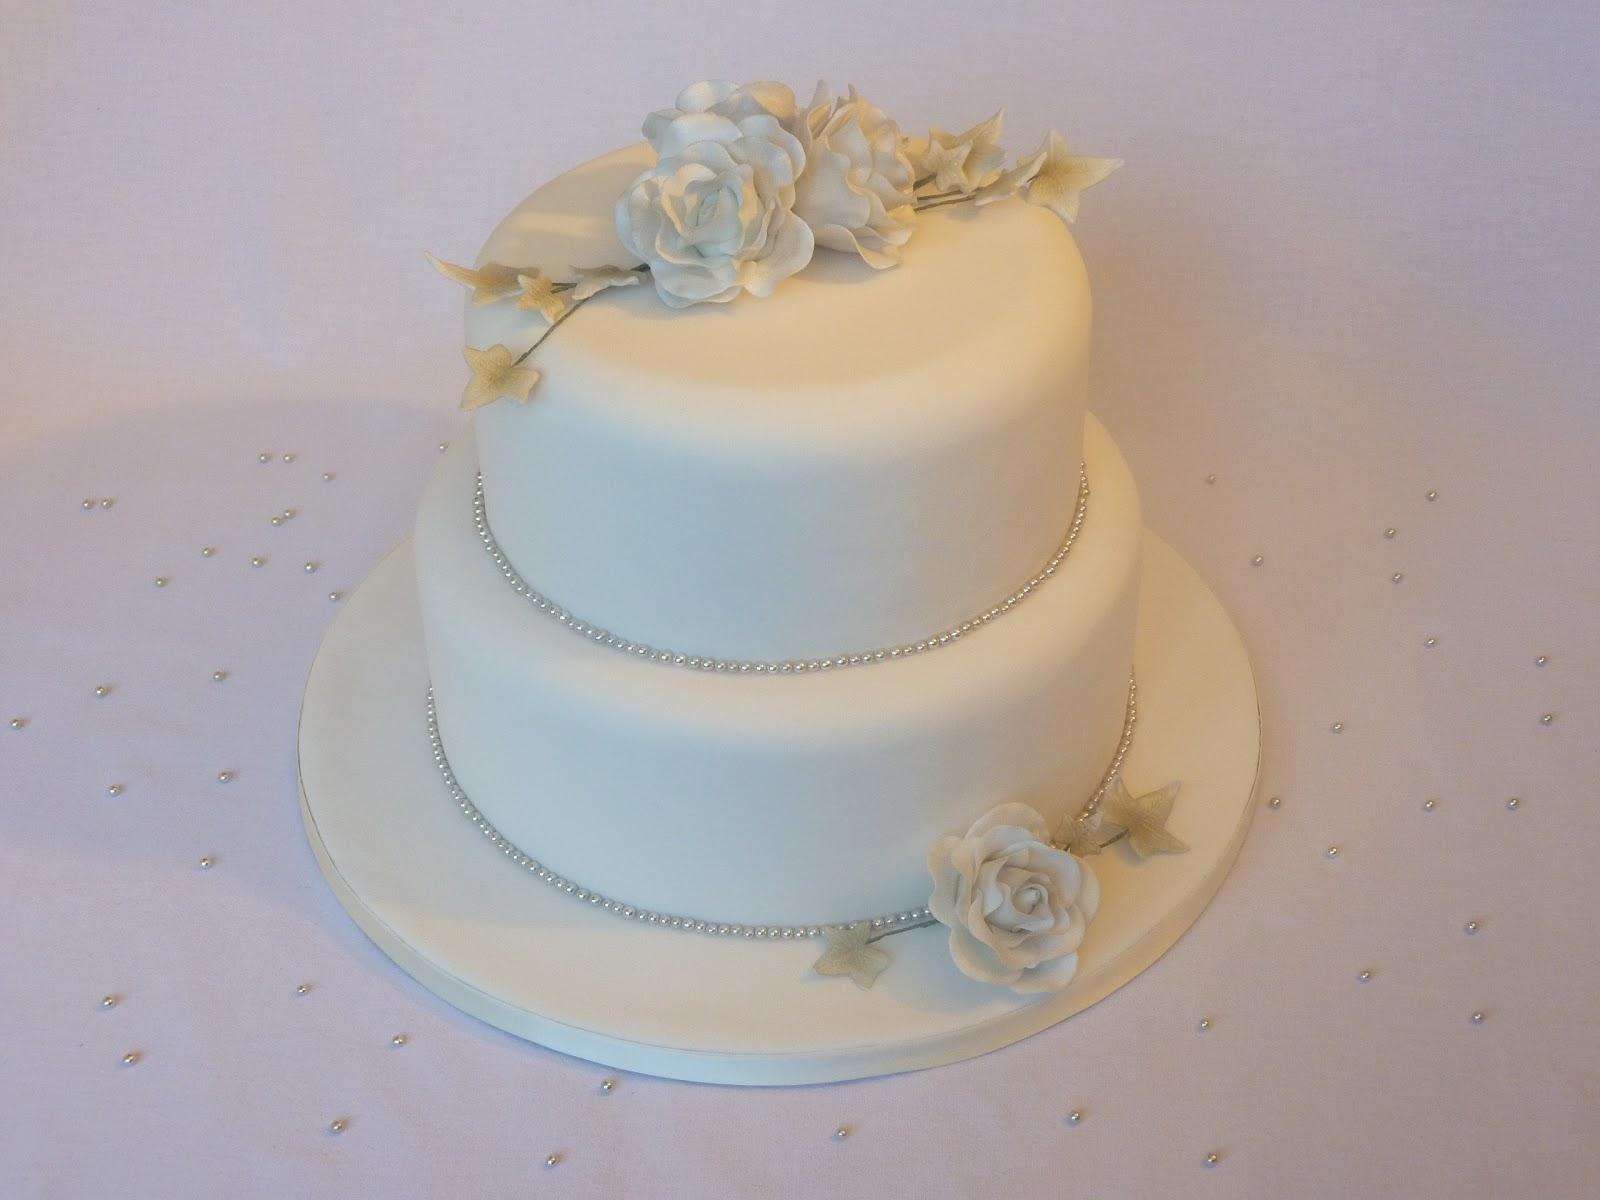 26cda3f33c9e Här kommer i alla fall bilderna på bröllopstårtan jag gjorde, mest för att  utöka min